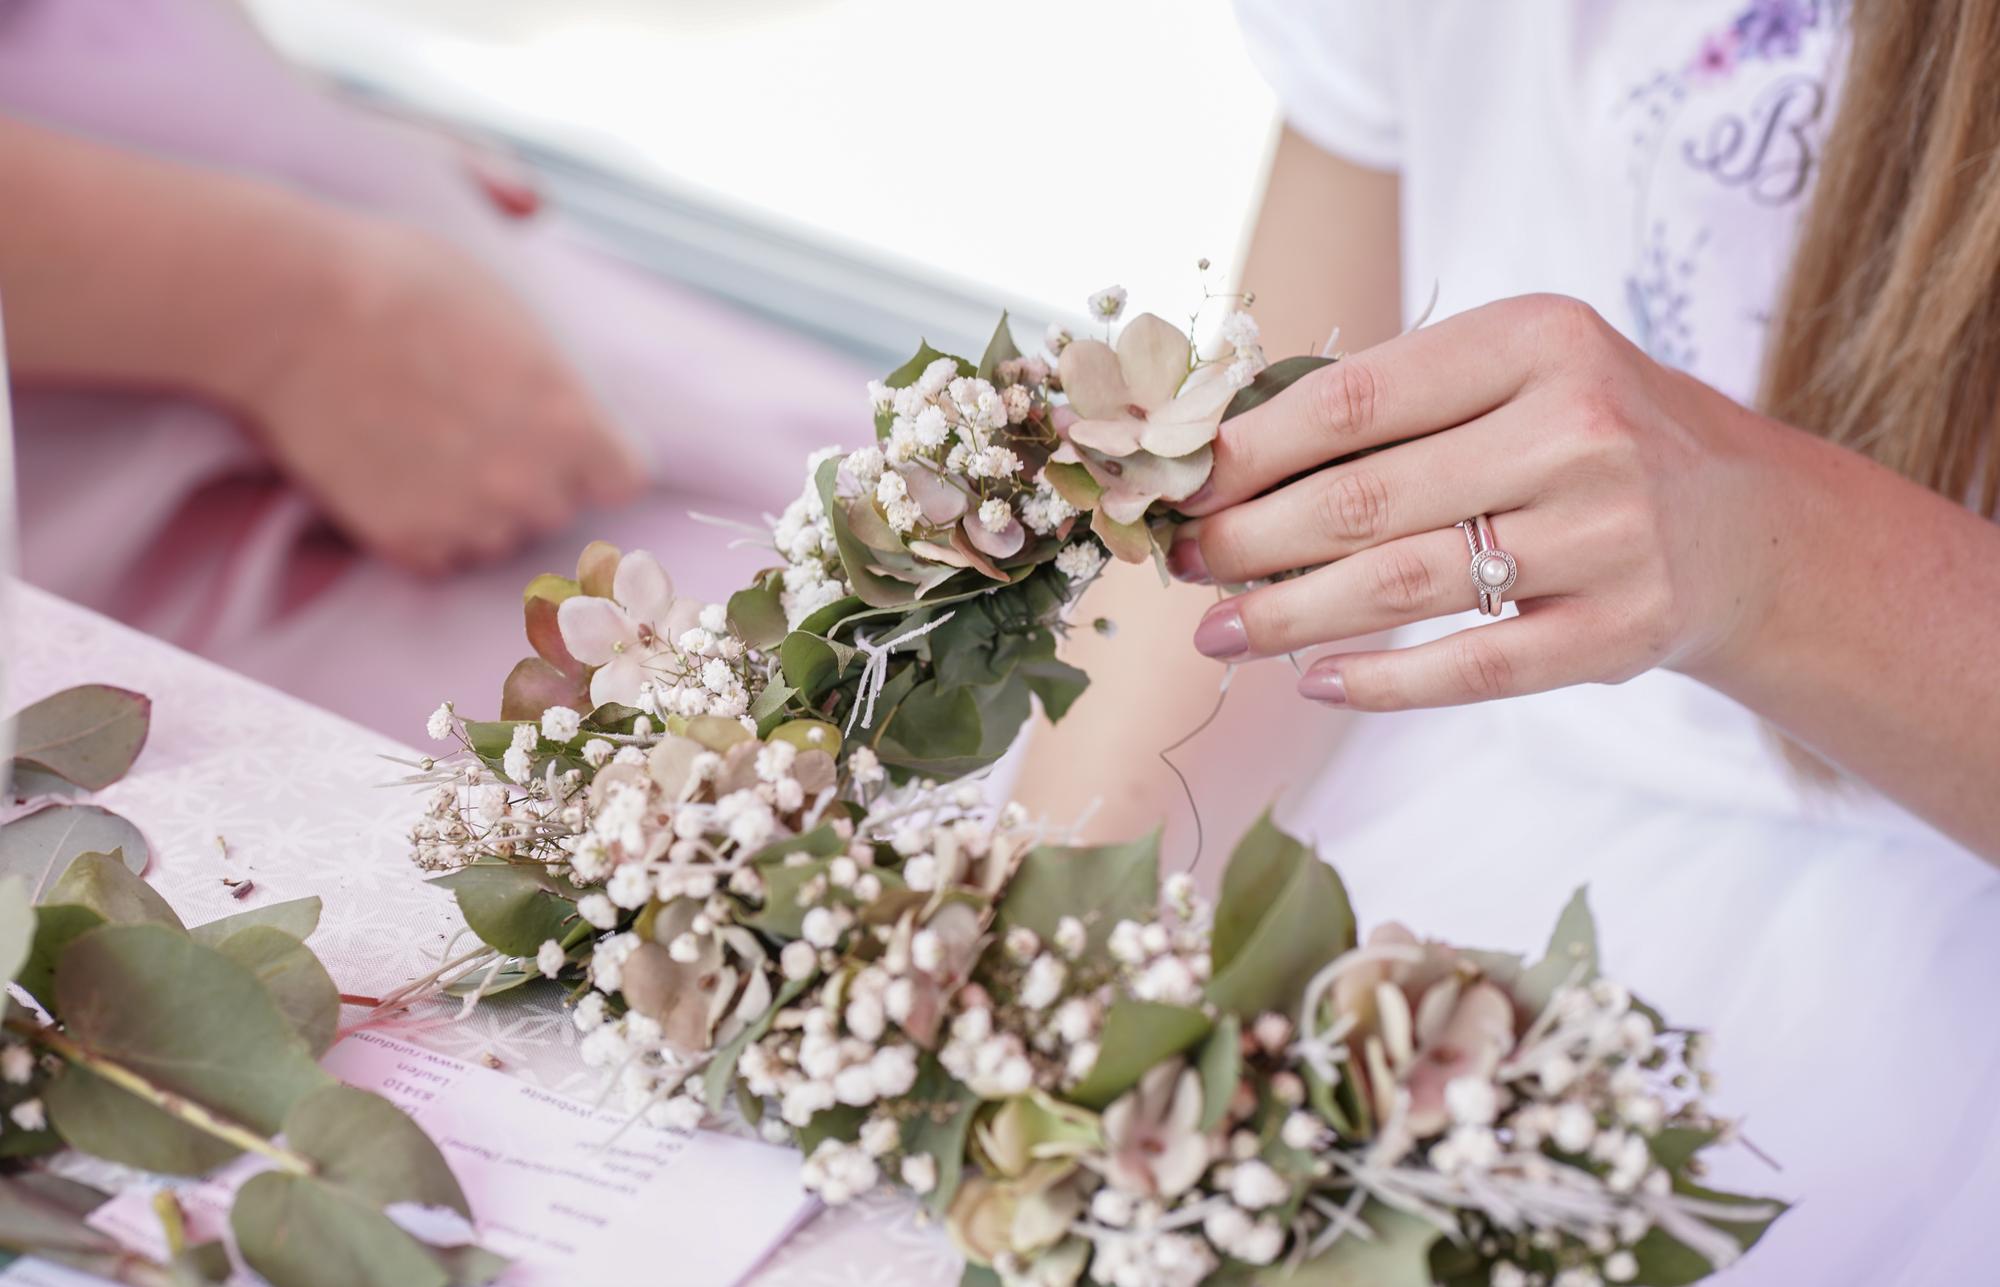 Zum JGA mal was anderes – ein Blumenhaarkranz-Workshop!